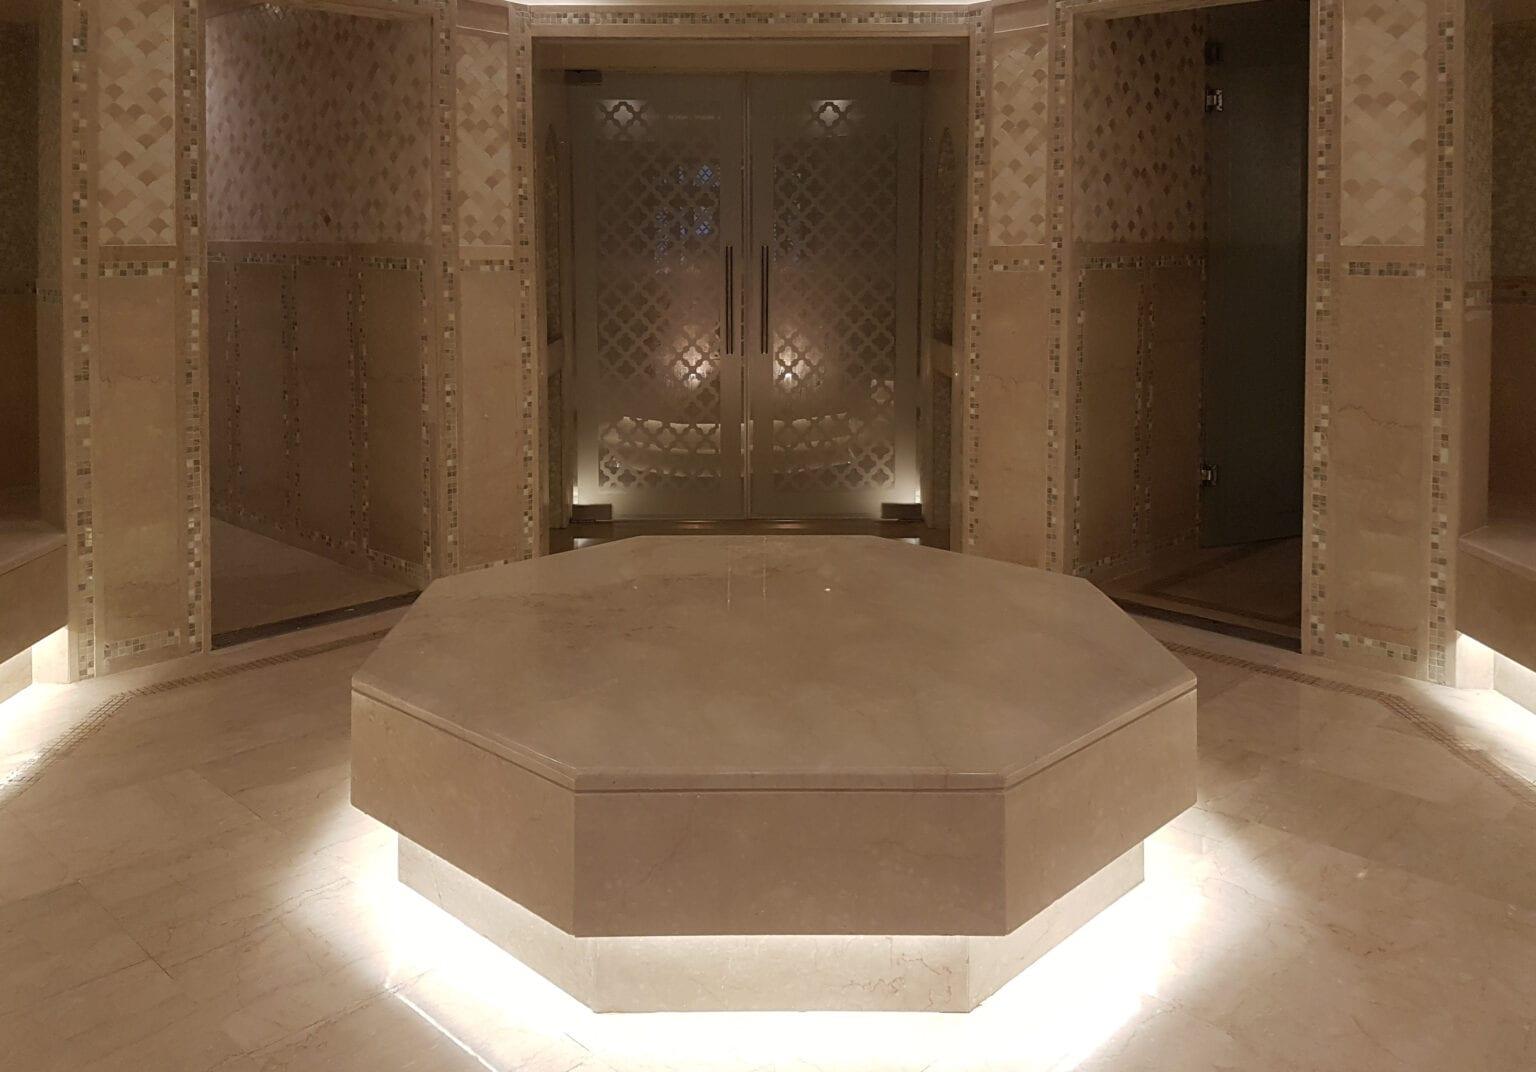 FS Tunis 125 1536x1072 - REVIEW - Four Seasons Tunis : Premier Room